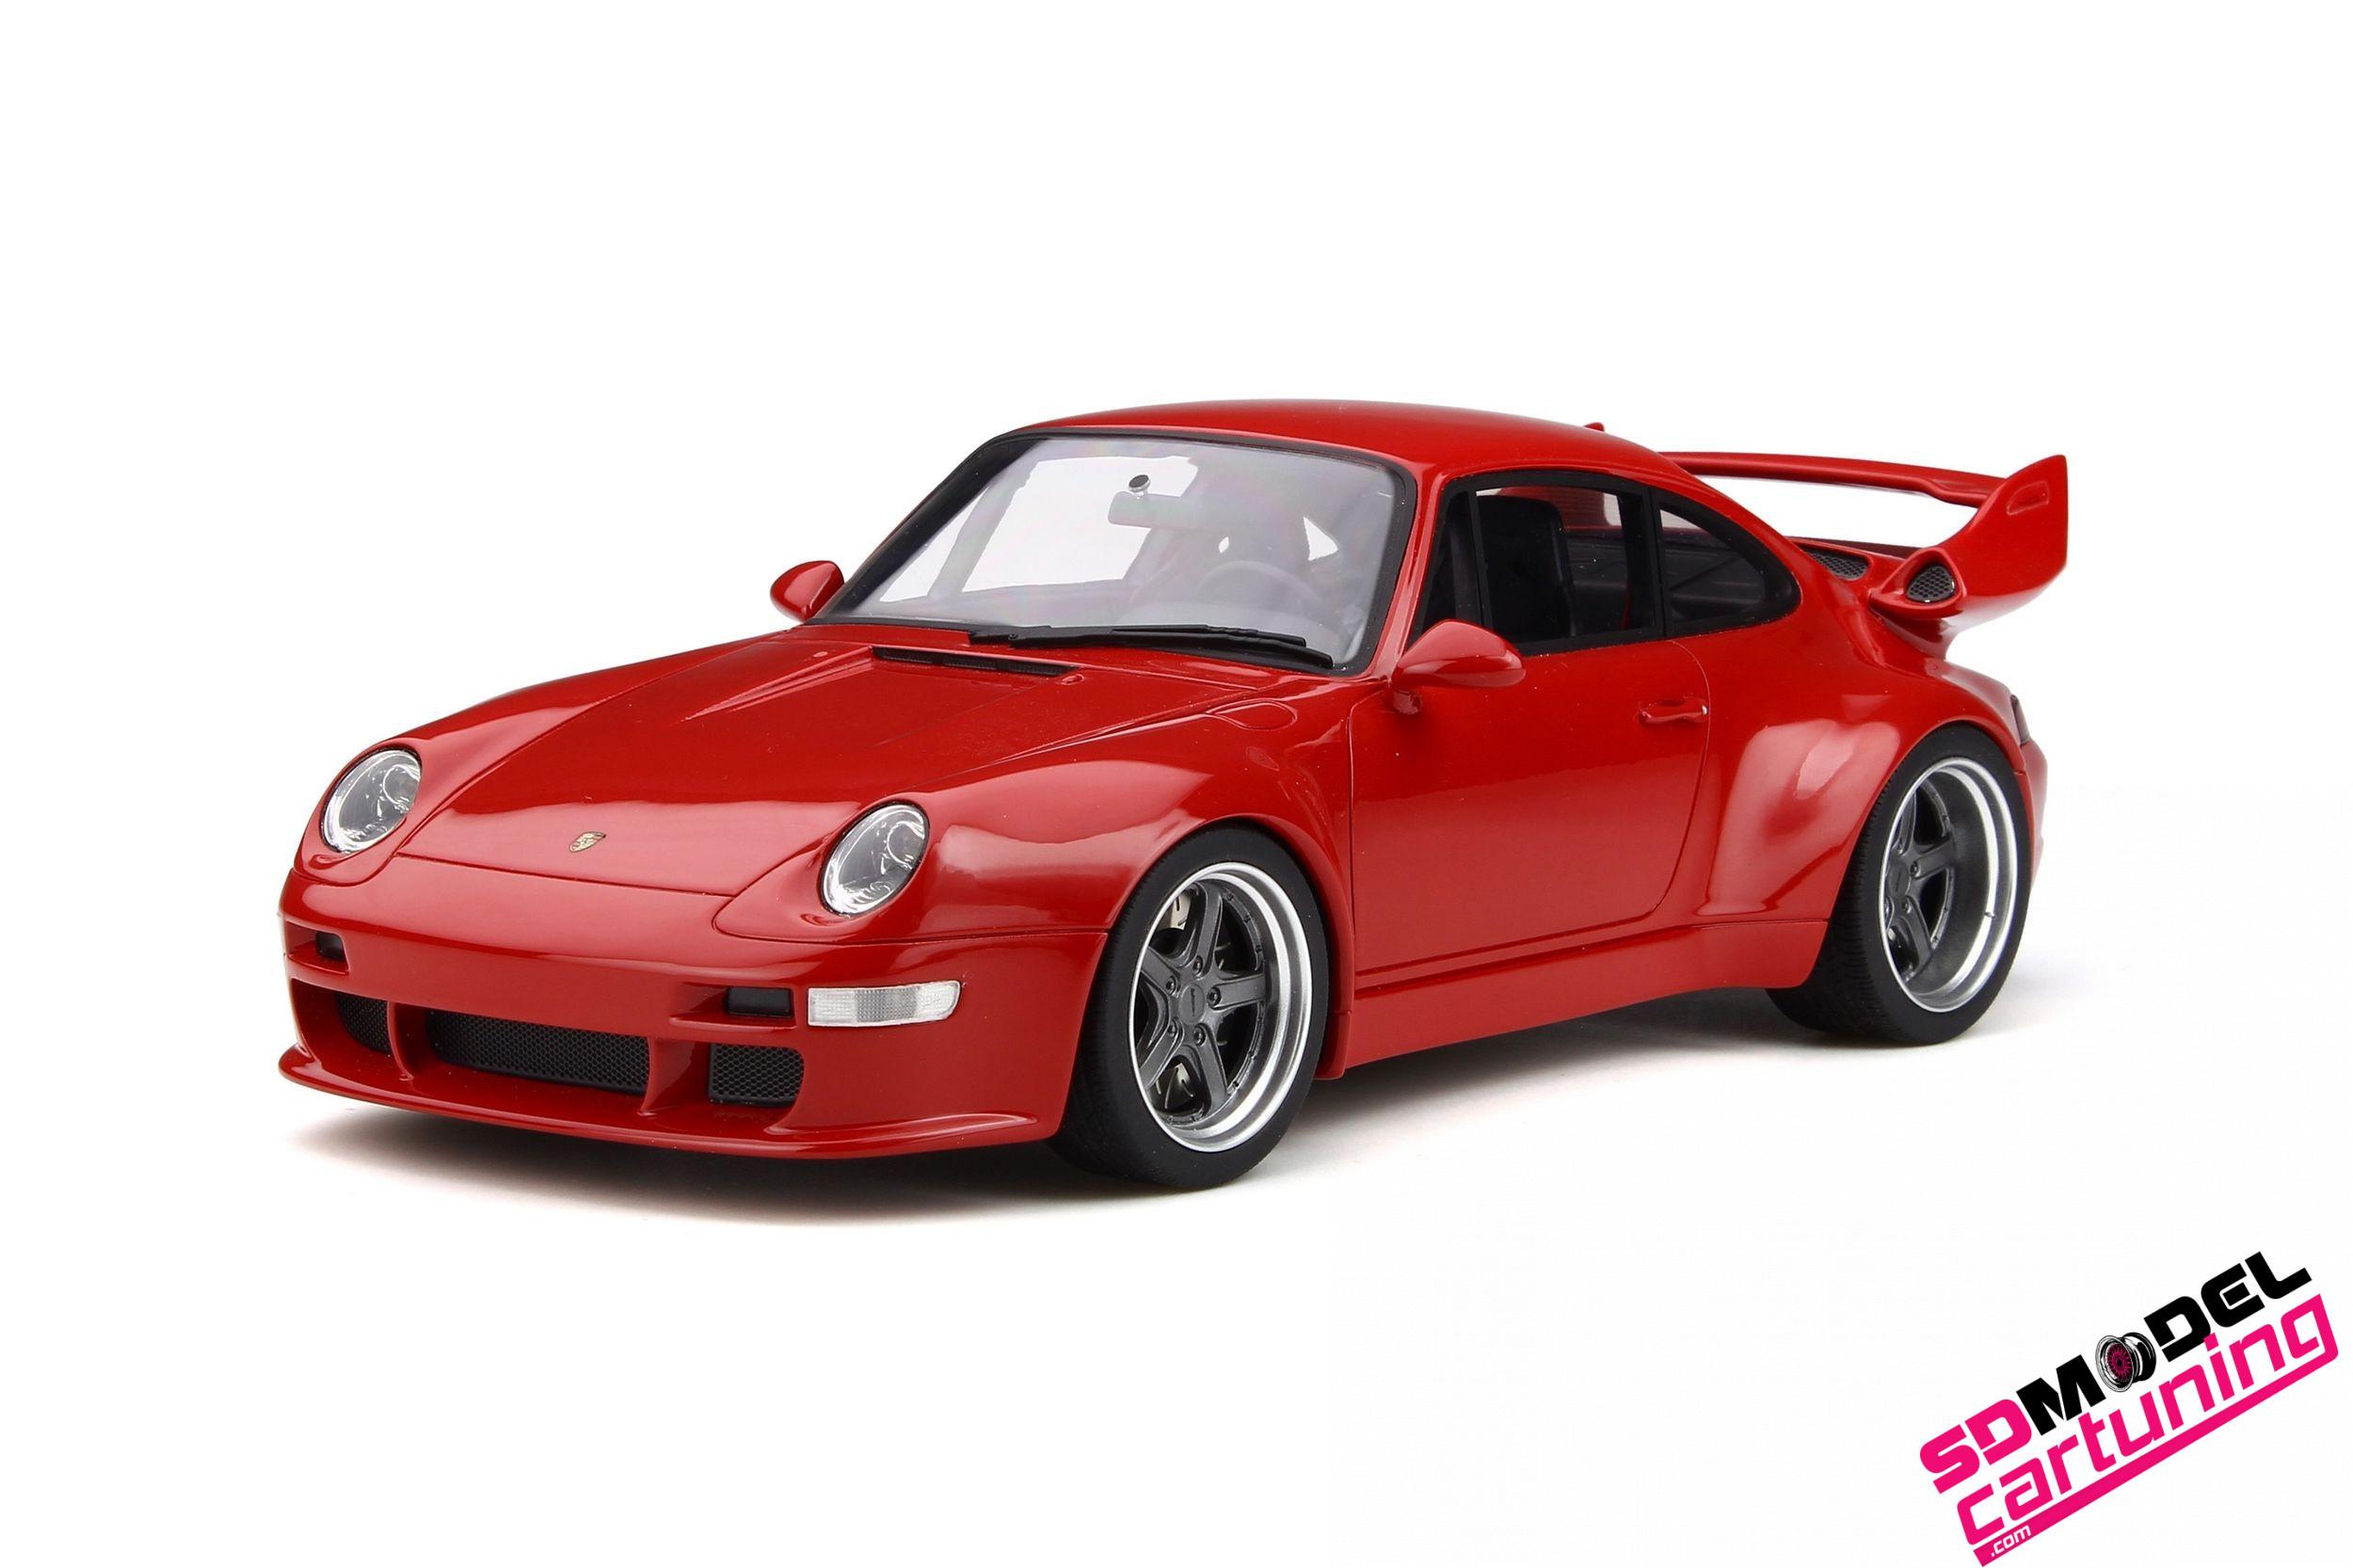 1:18 Porsche 993 Gunther werks 400R